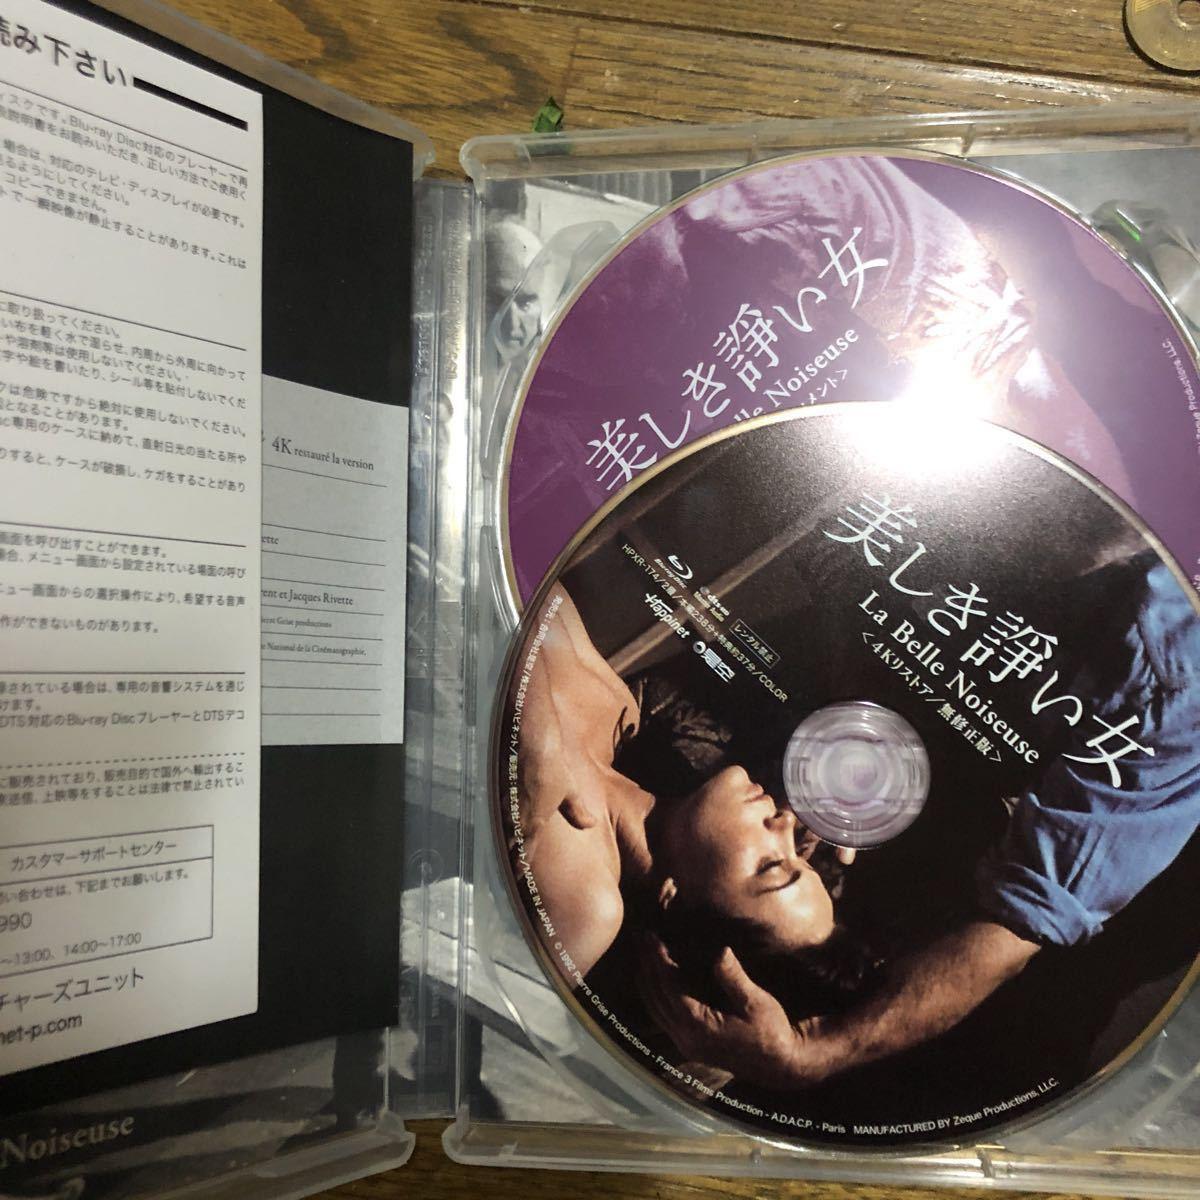 超高画質!カミソリクラス超高画質4k盤「美しき諍い女」ヘアー無修正!二枚組レストア!美しすぎる裸体!_画像8